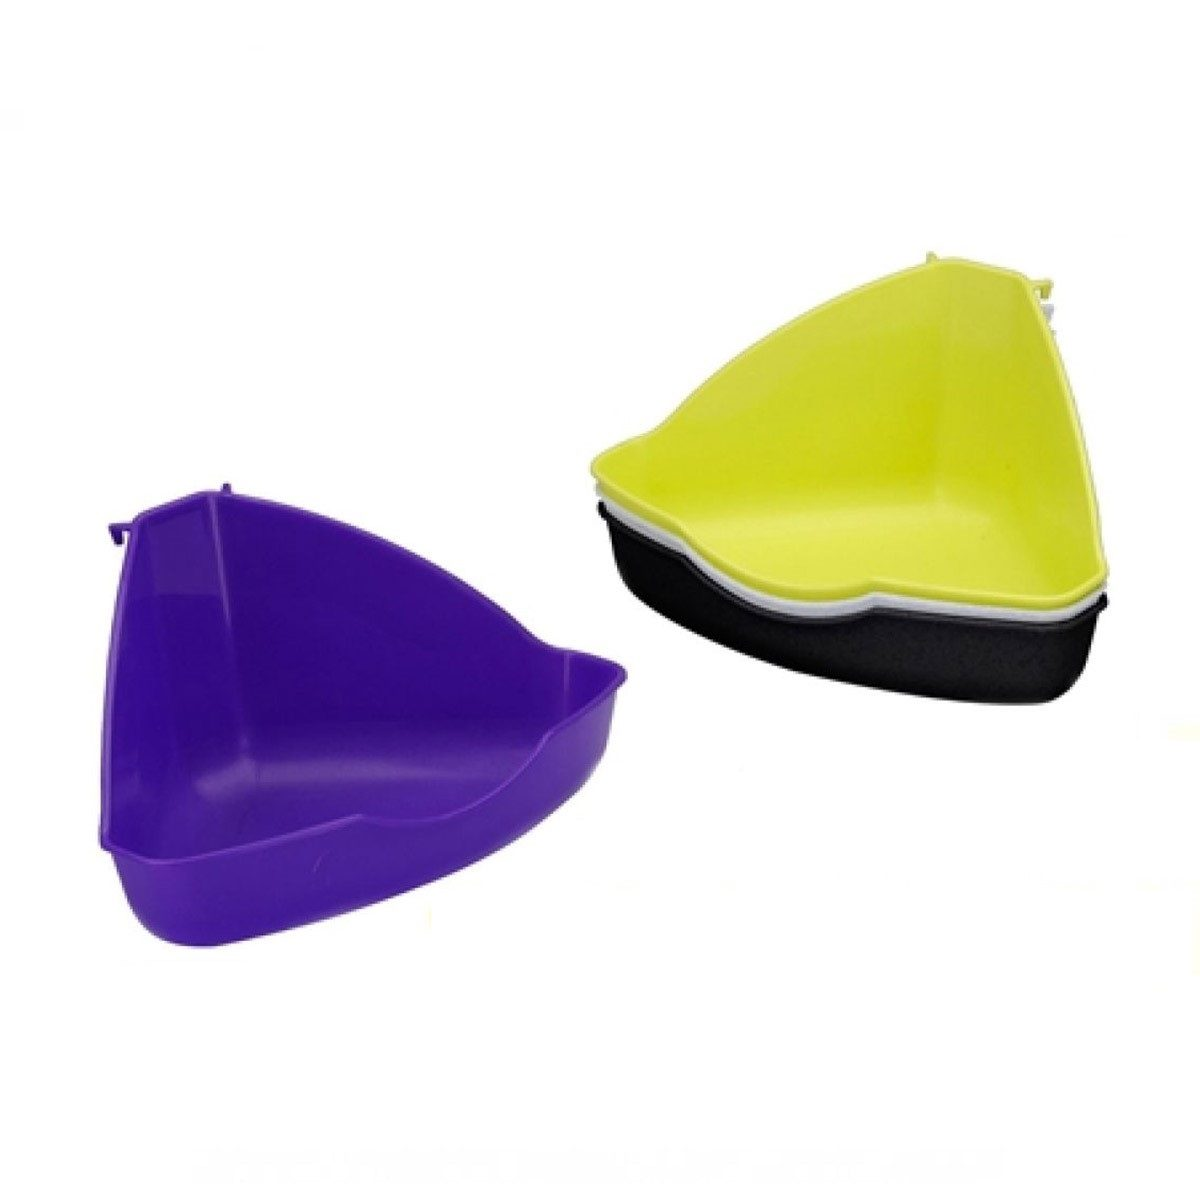 Hoektoilet Voor Kooien Plastic Discus